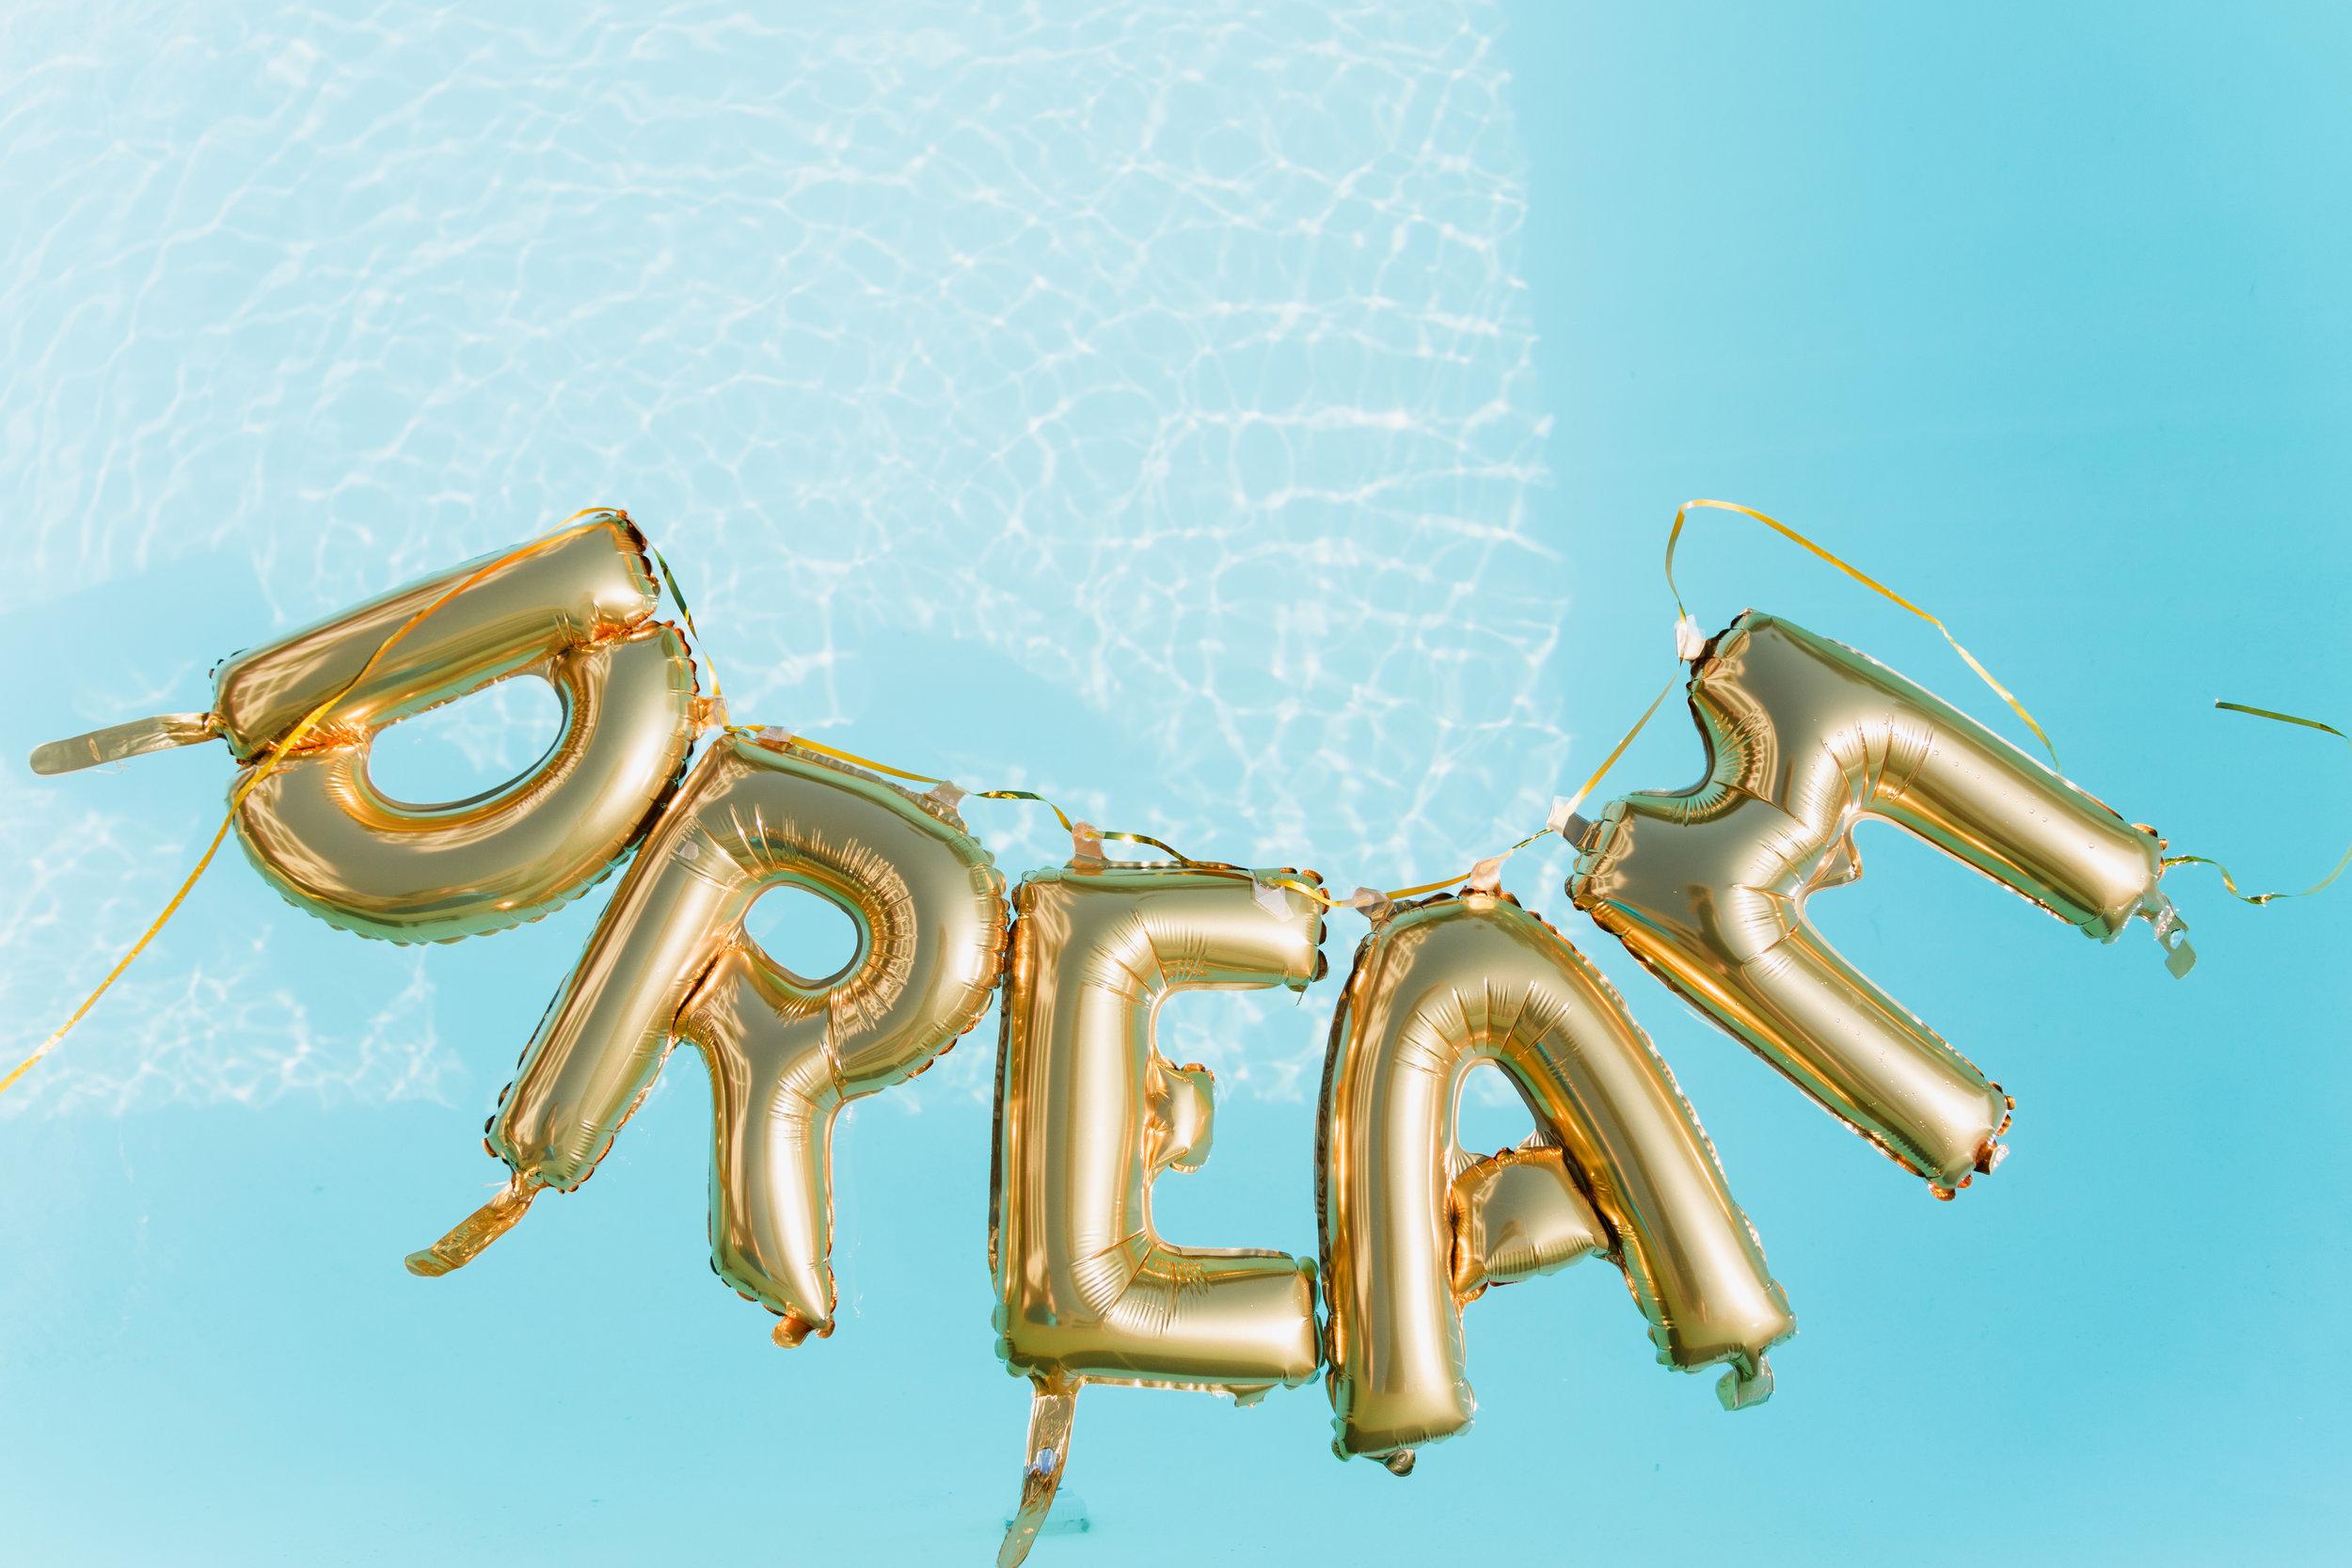 dream mini letter balloons